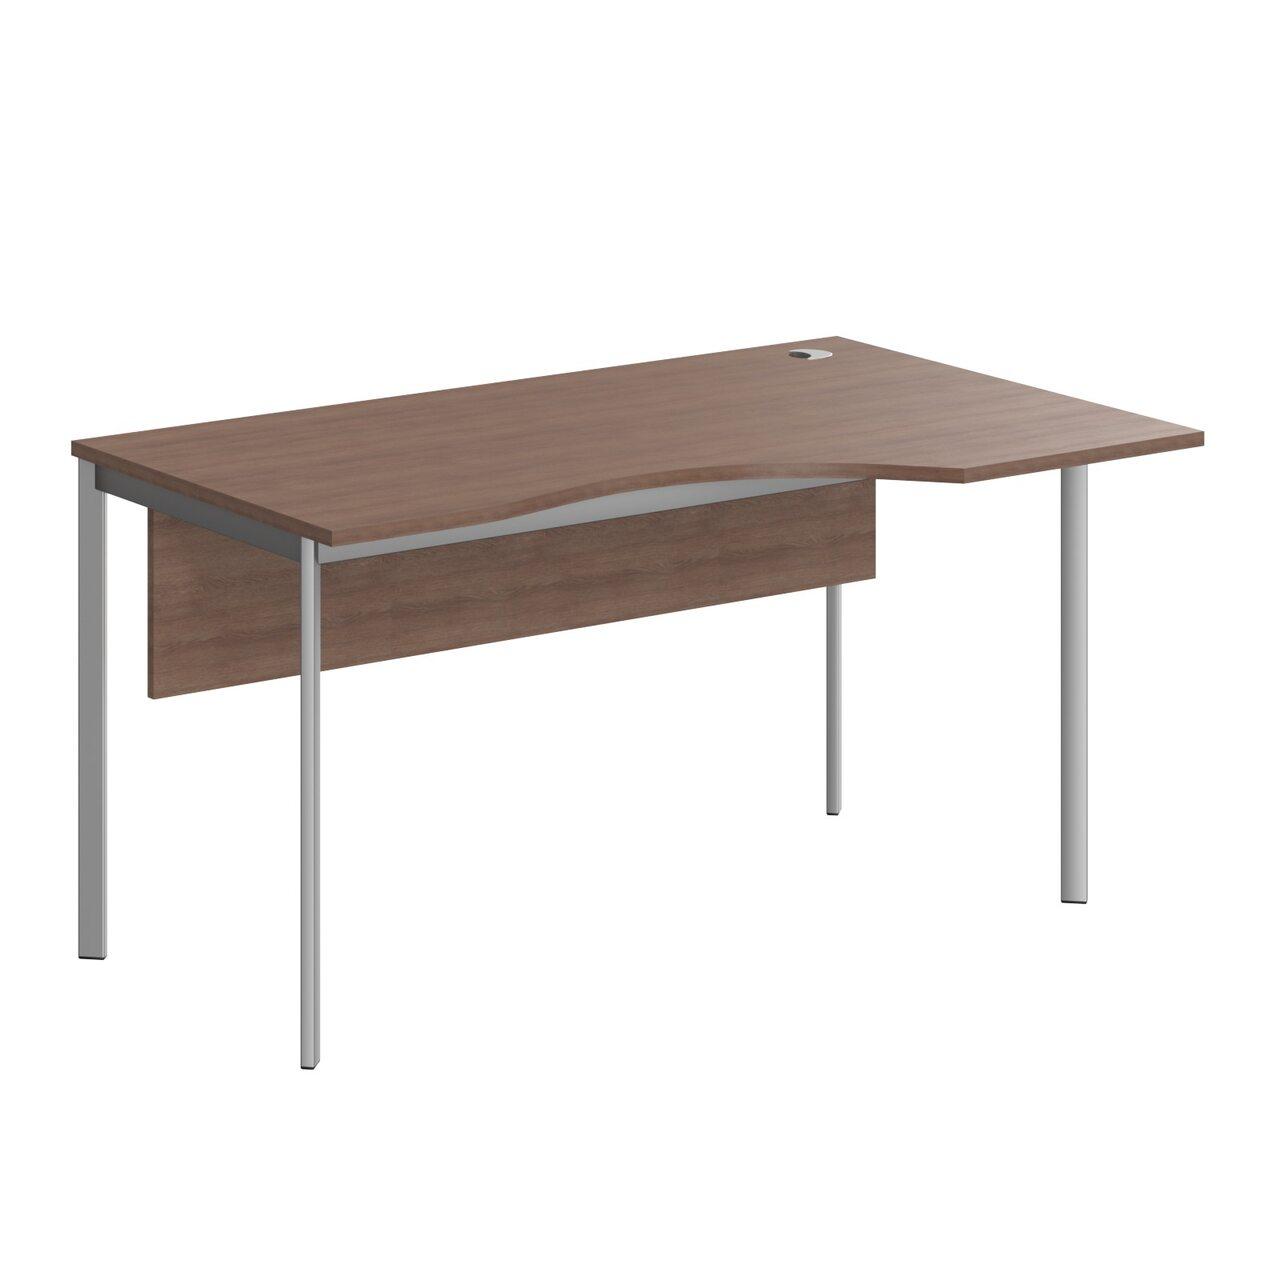 Стол эргономичный с фронтальной панелью  IMAGO-S 90x140x76 - фото 4